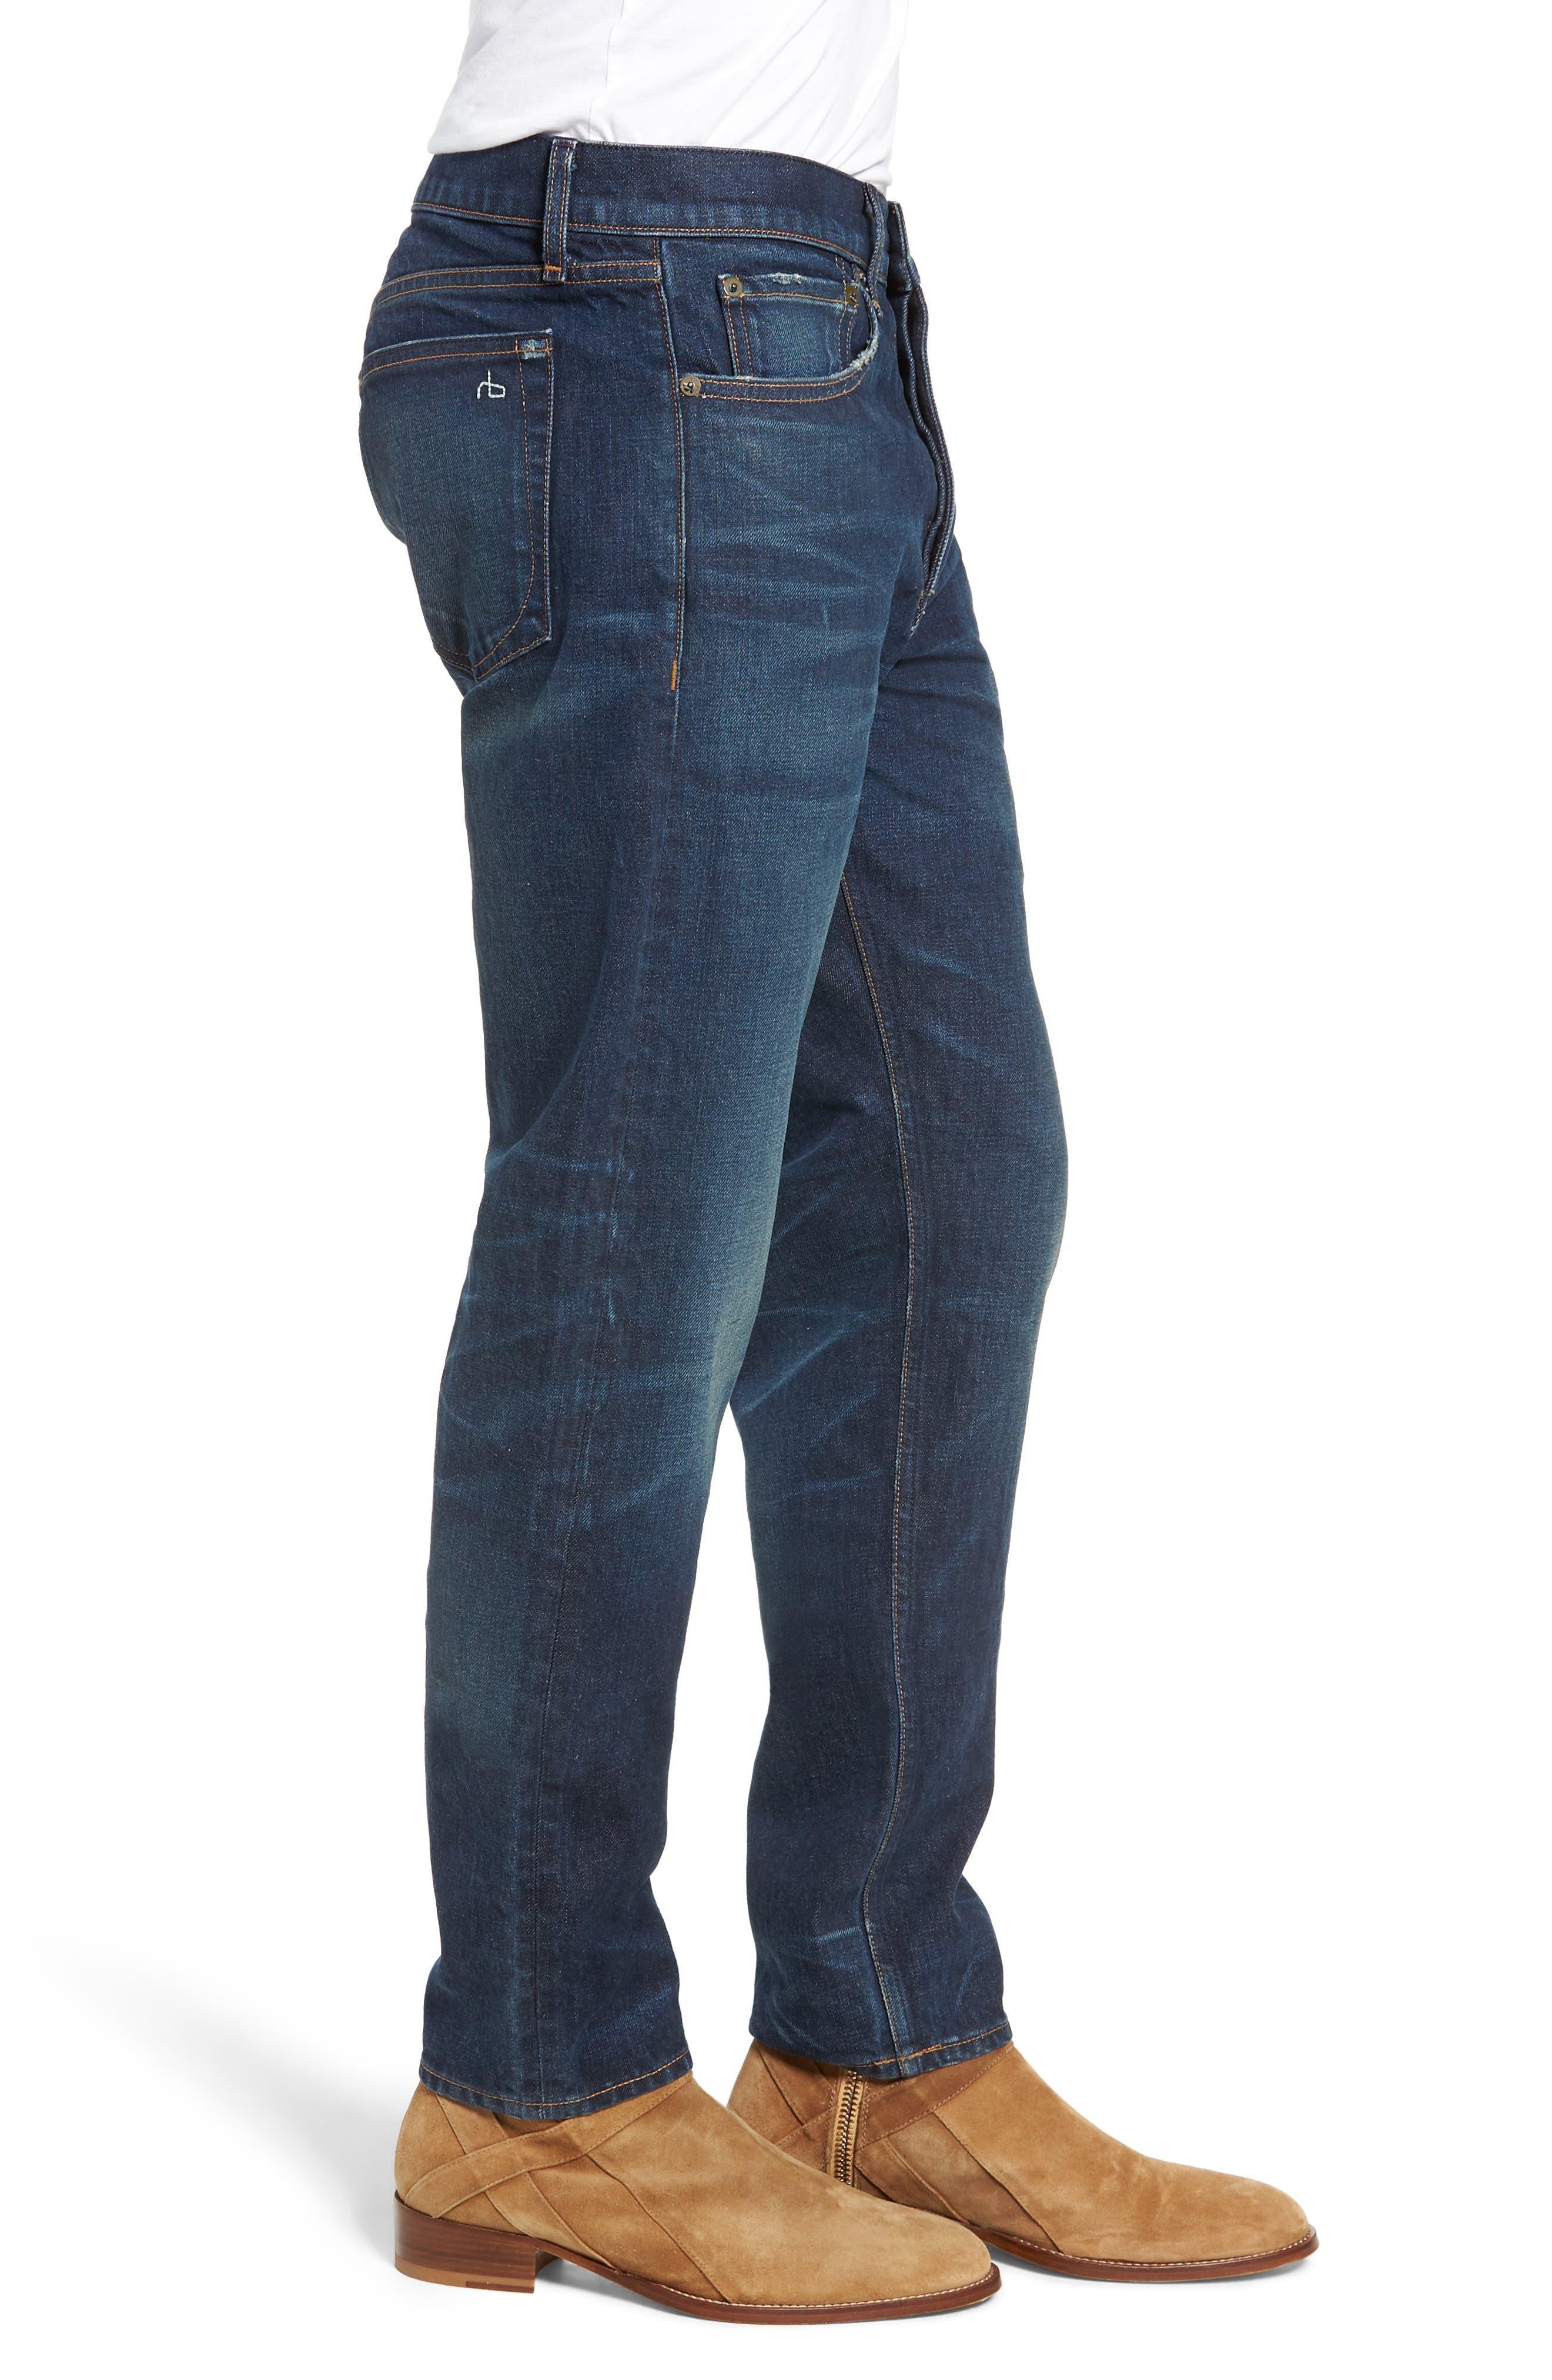 Fit 2 Slim Fit Jeans,                             Alternate thumbnail 3, color,                             WORN ACE